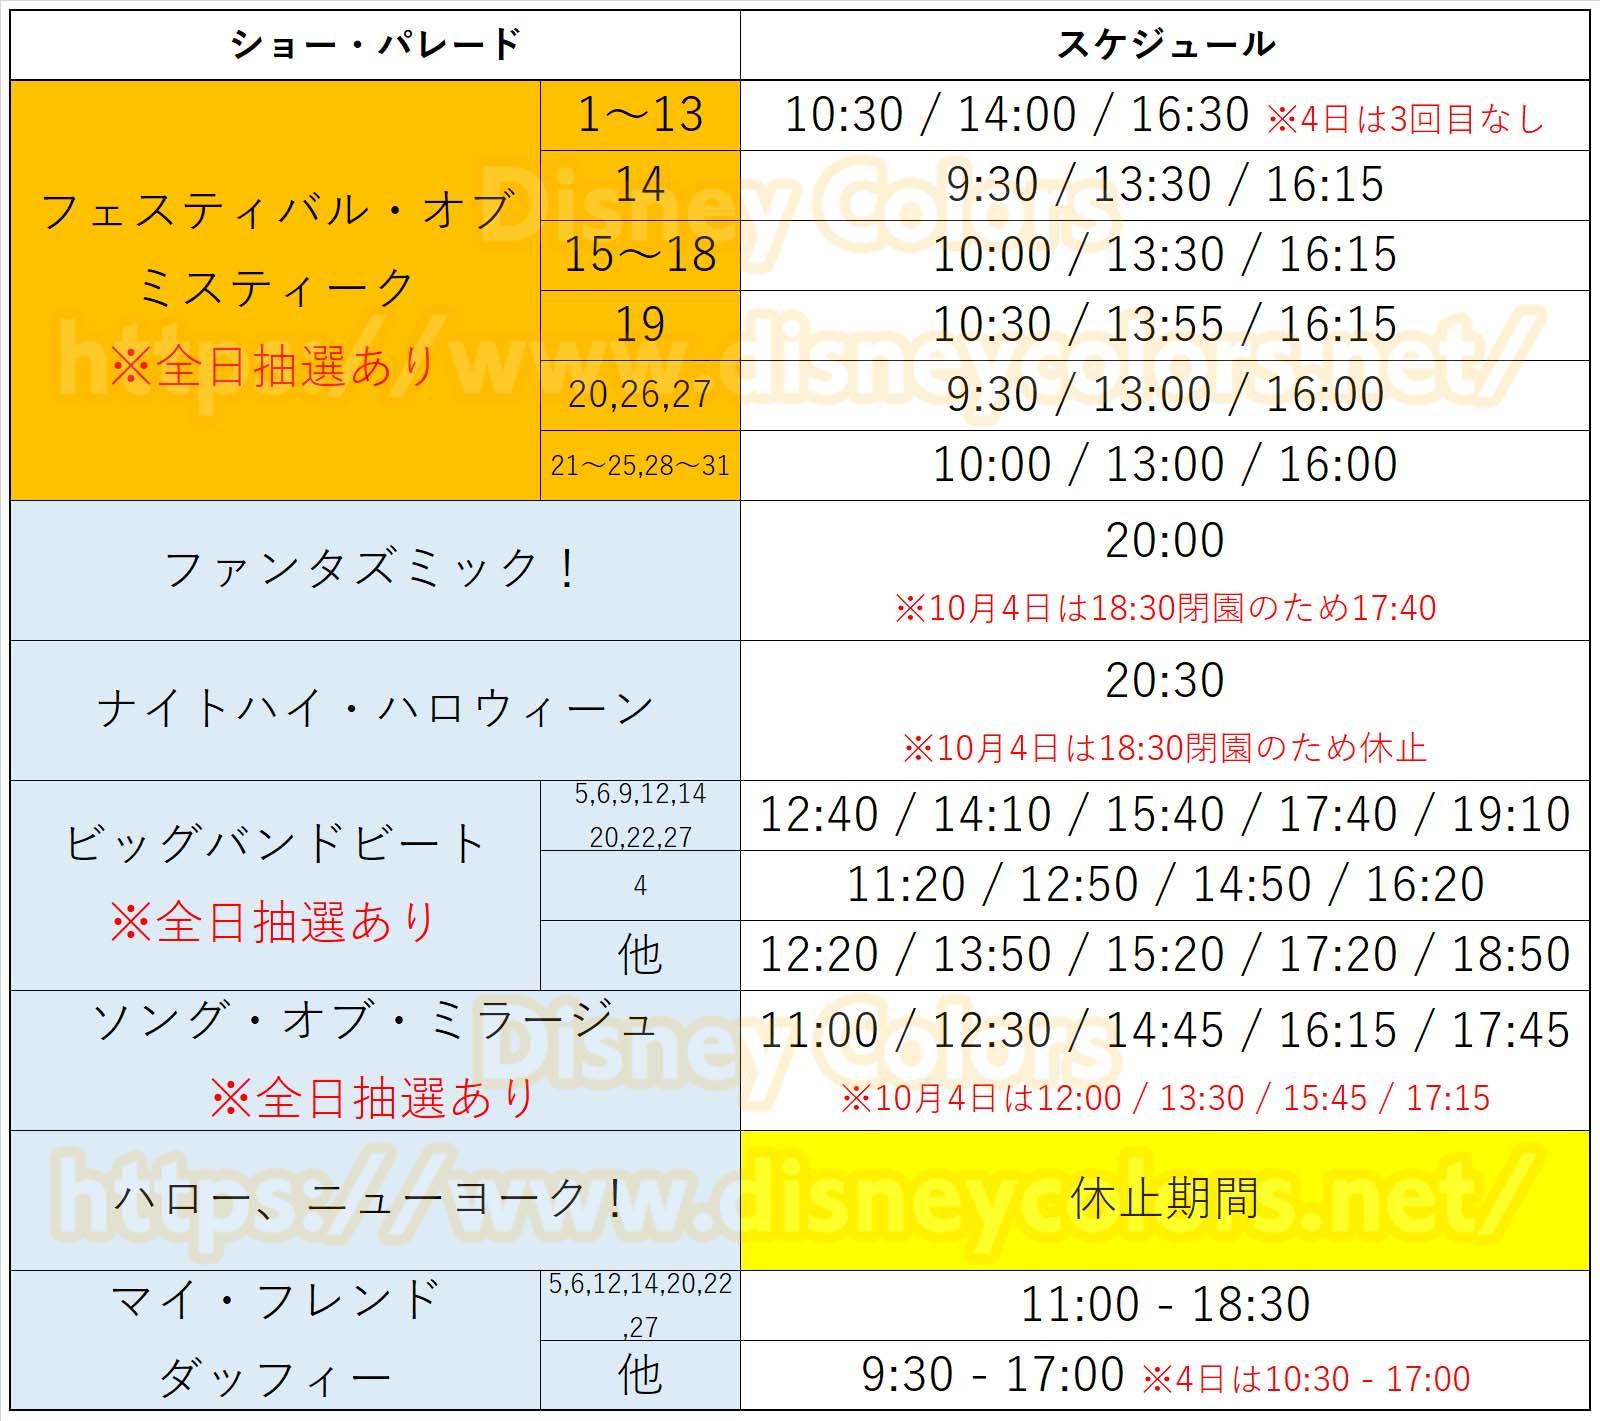 東京ディズニーシー ショースケジュール 抽選実施日 2019年10月